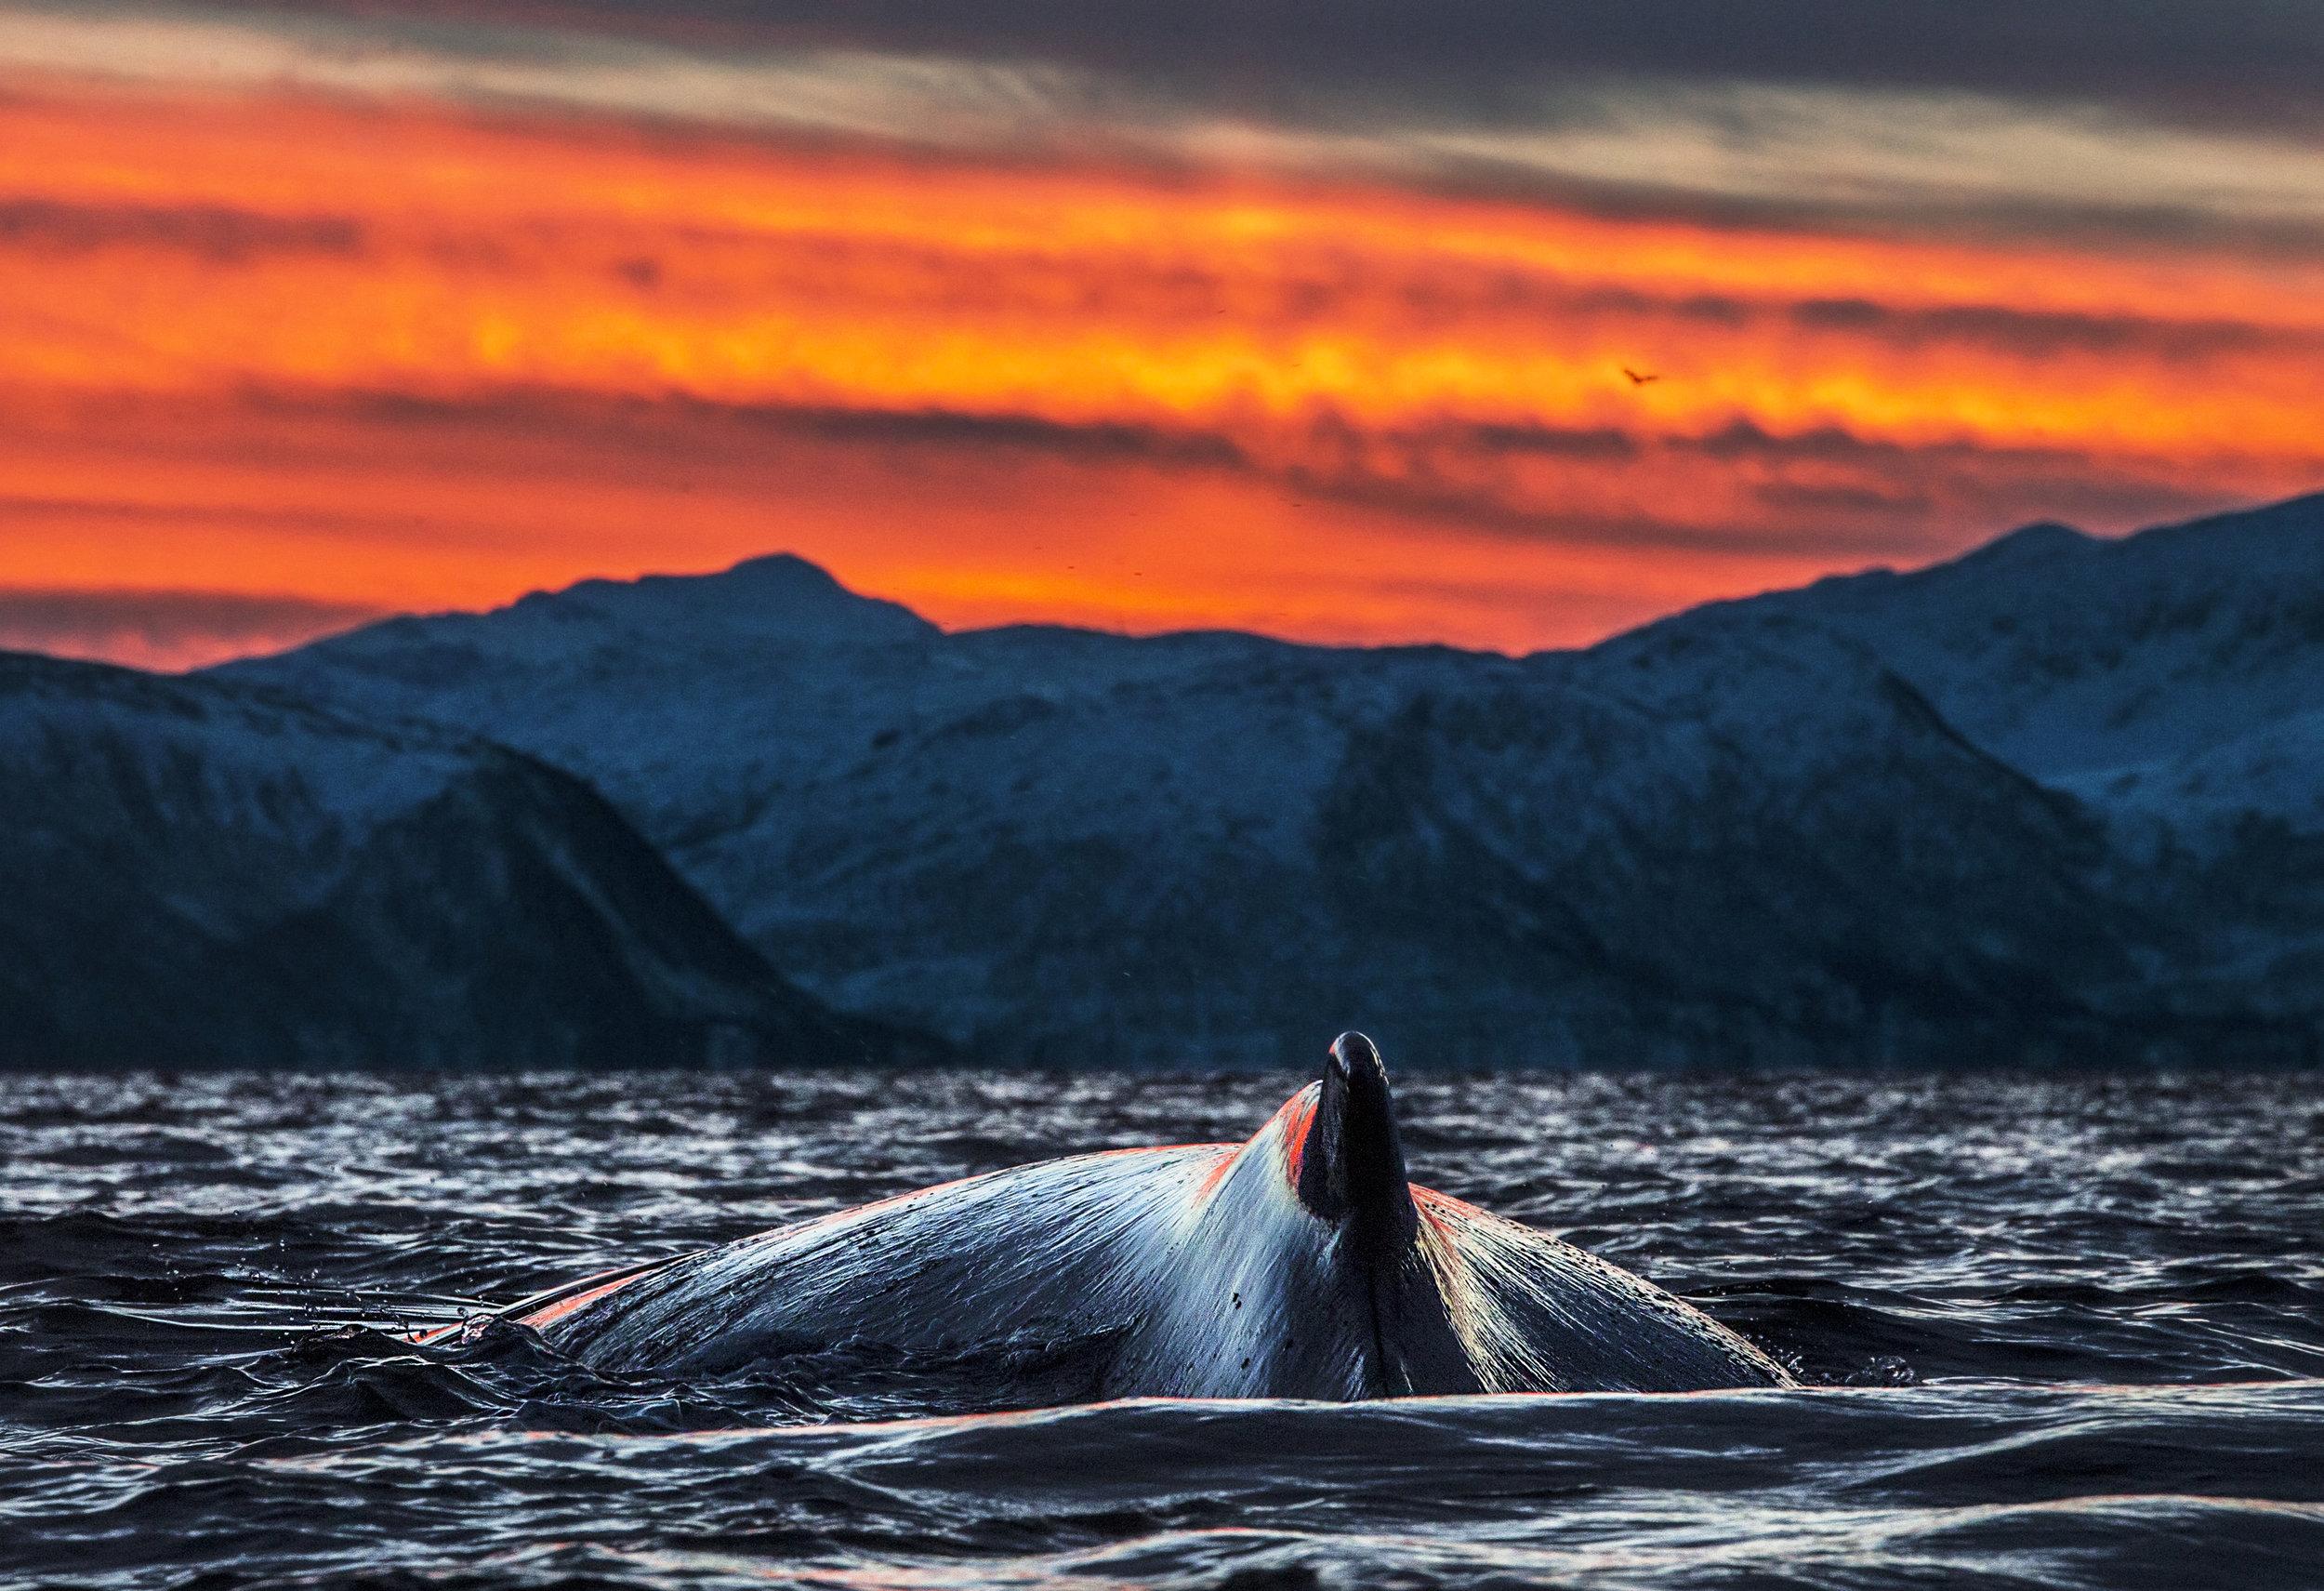 Knølhval i mørktidslys - Audun Rikardsen.jpg